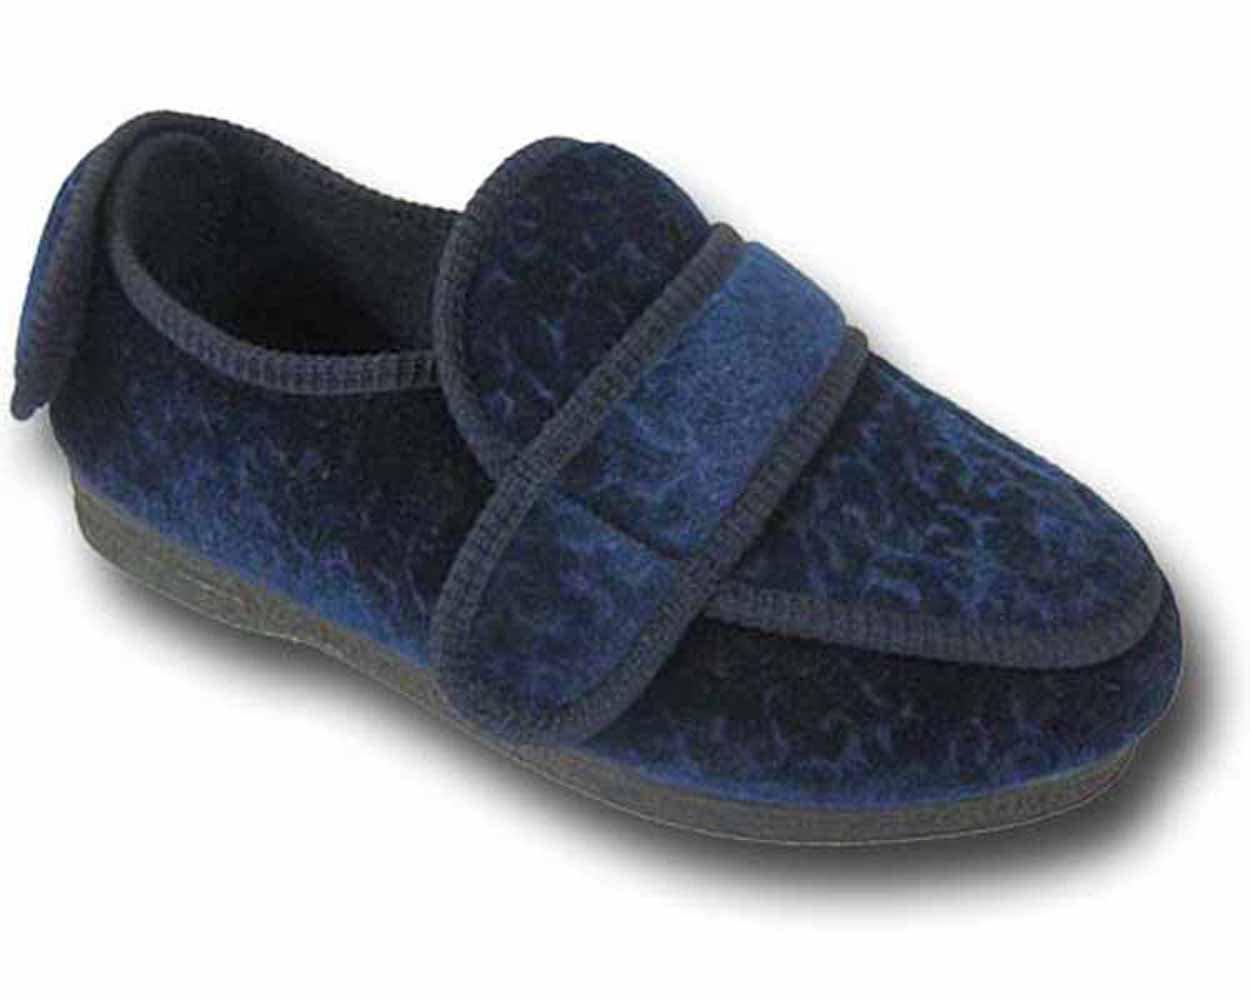 Nouveaux pantoufles dames refroidisseurs marque CosyComfort pied dames ORTHOPAEDIC 200 pied enflé pantoufles Bleu Marine 2987b8d - piero.space